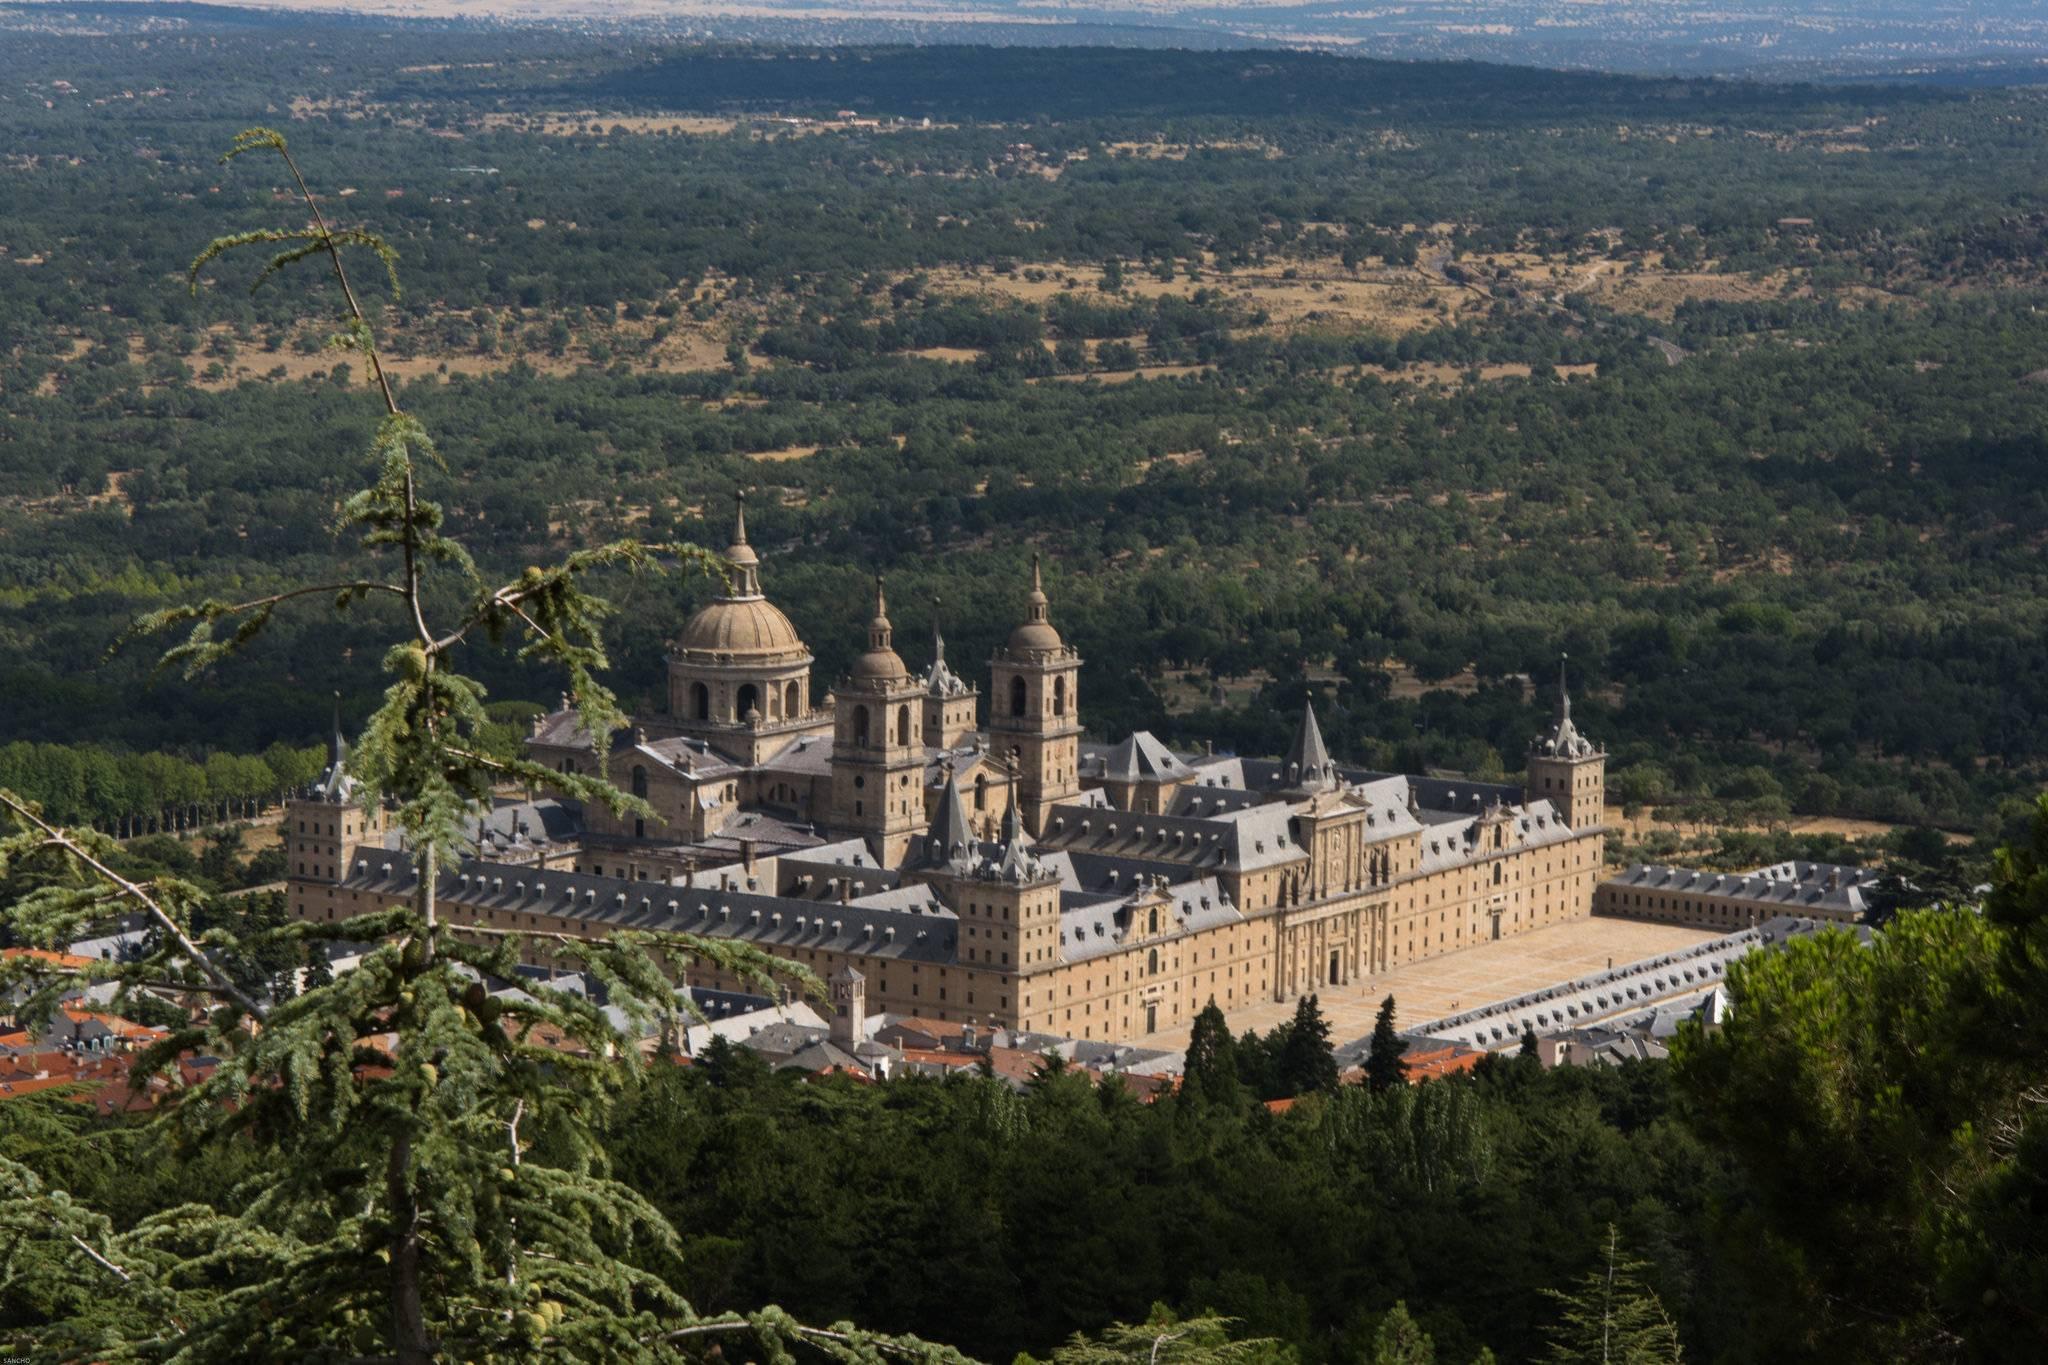 Монастырь эскориал, испания — сайт, часы работы, билеты, отзывы, как добраться | туристер.ру